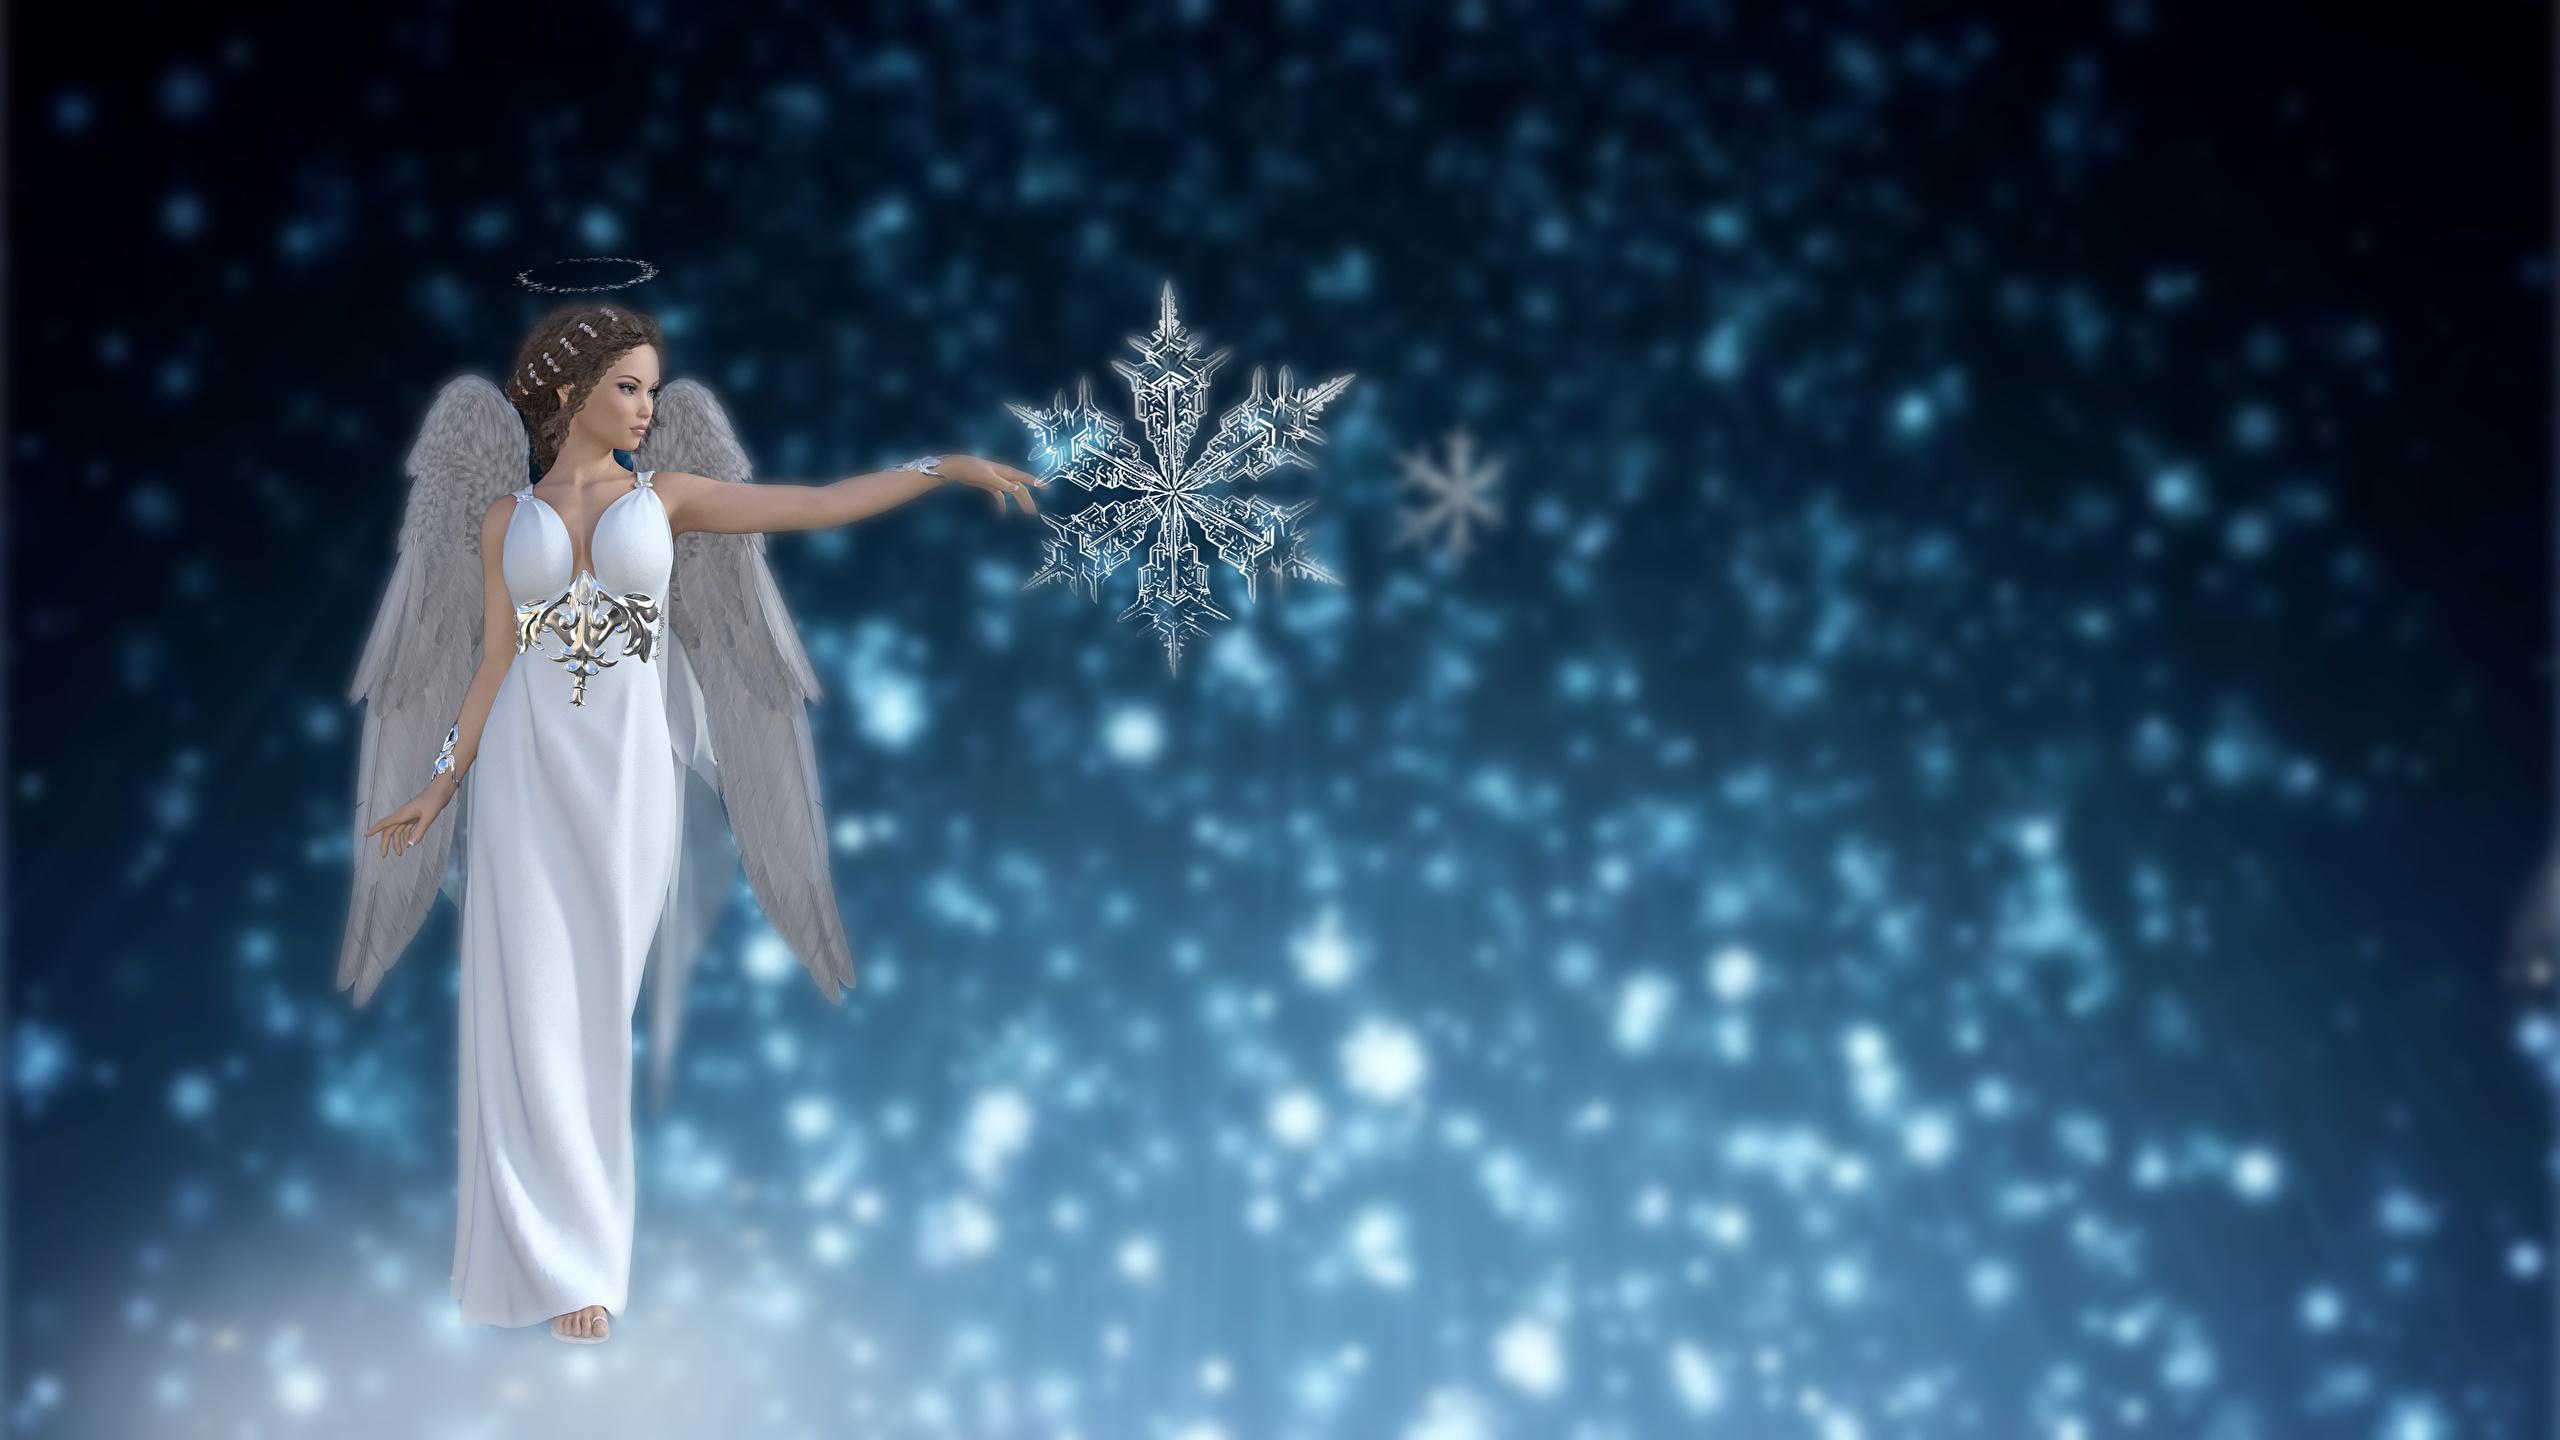 Desktop Hintergrundbilder Fantasy Mädchens 3D-Grafik Schneeflocken Engel 2560x1440 junge frau junge Frauen Engeln